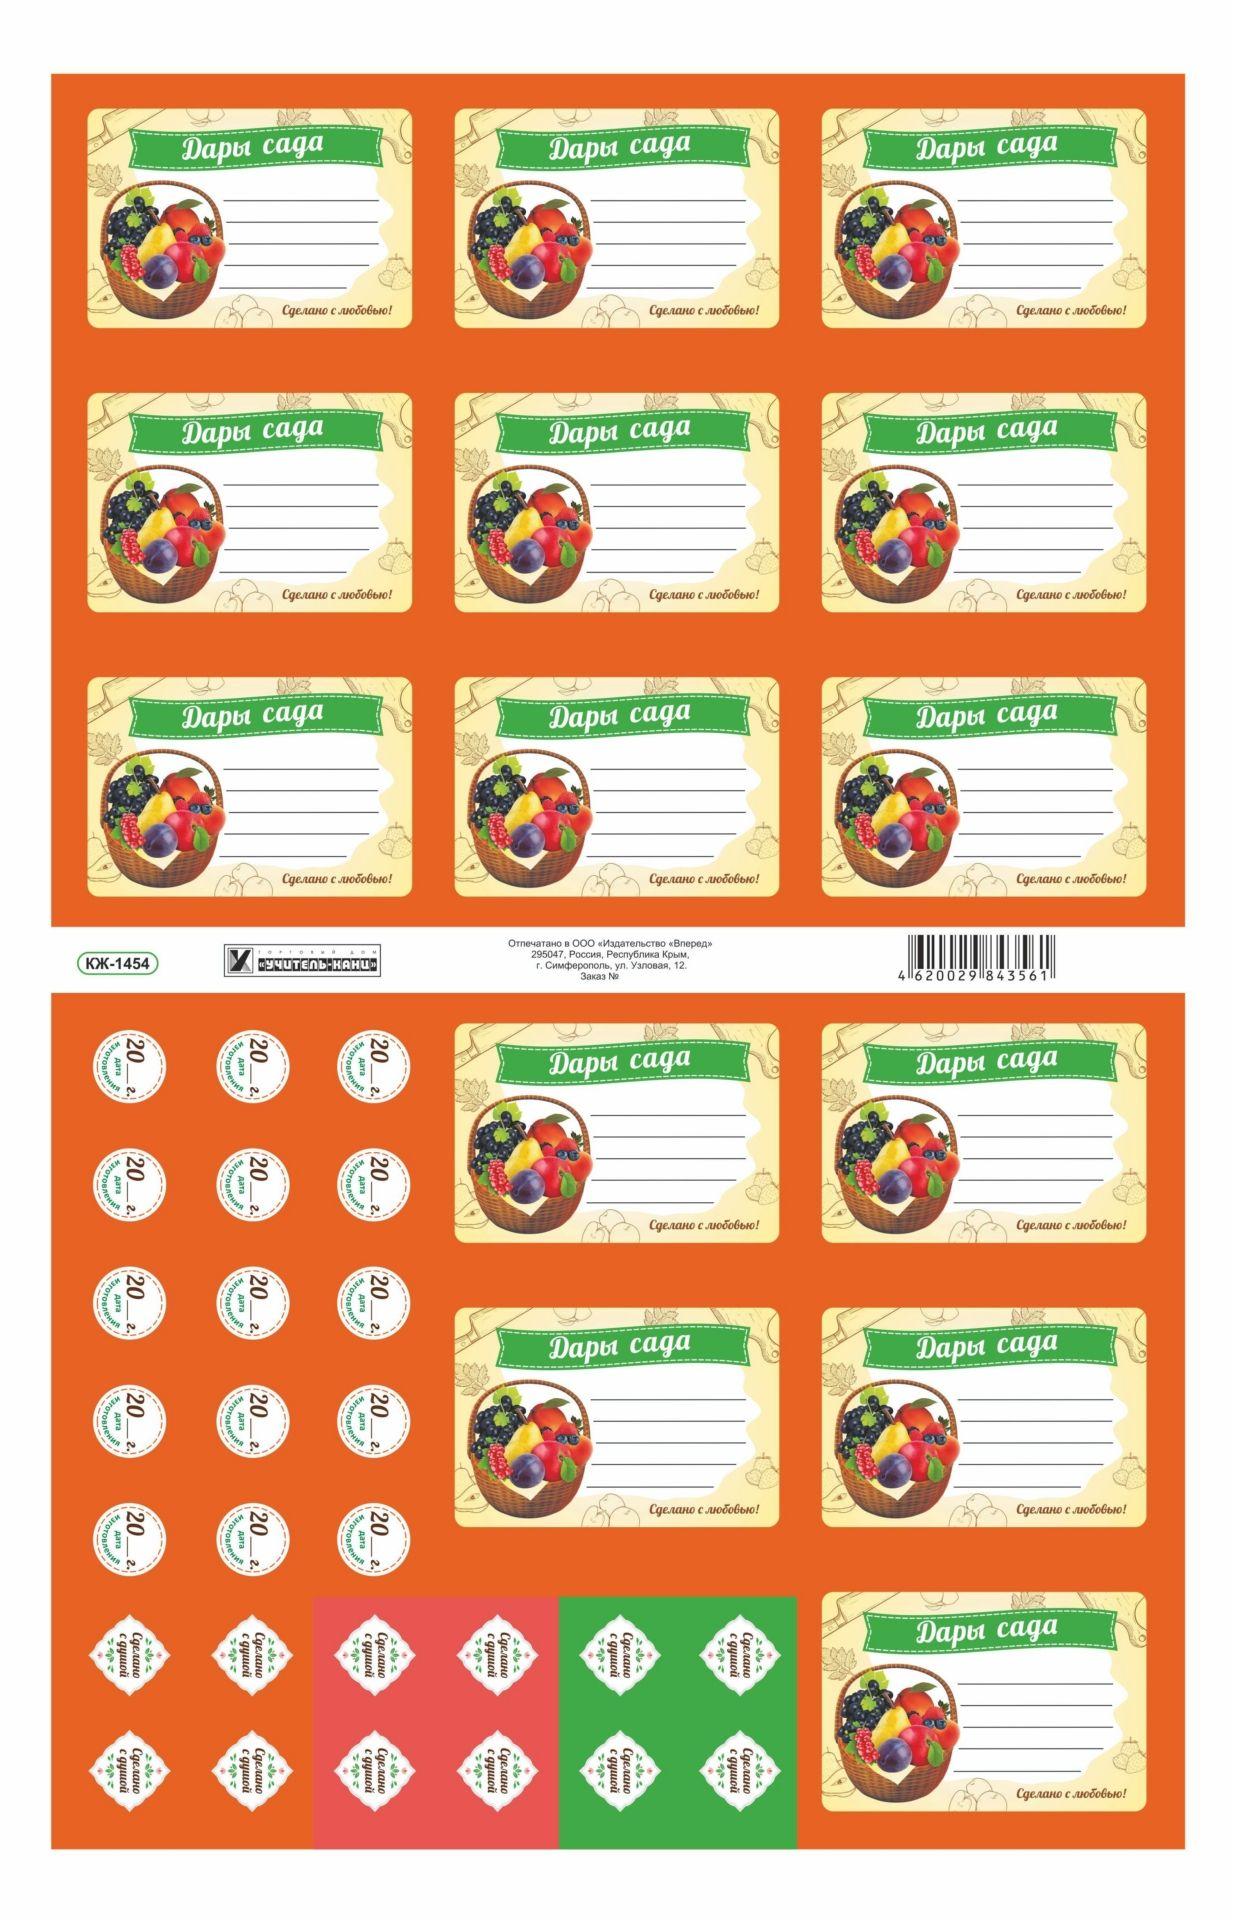 Самоклеящиеся этикетки для домашних заготовок Дары садаСад, огород<br>Универсальные самоклеящиеся этикетки, которые можно наклеивать на стекло, пластик, жесть и картон. Удобны для обозначения даты консервирования овощей и фруктов. В набор входит:Дары сада - 14 шт., размер этикетки - 7,7 х 5,4 см.Дата изготовления - 15 шт., ...<br><br>Год: 2018<br>Высота: 260<br>Ширина: 410